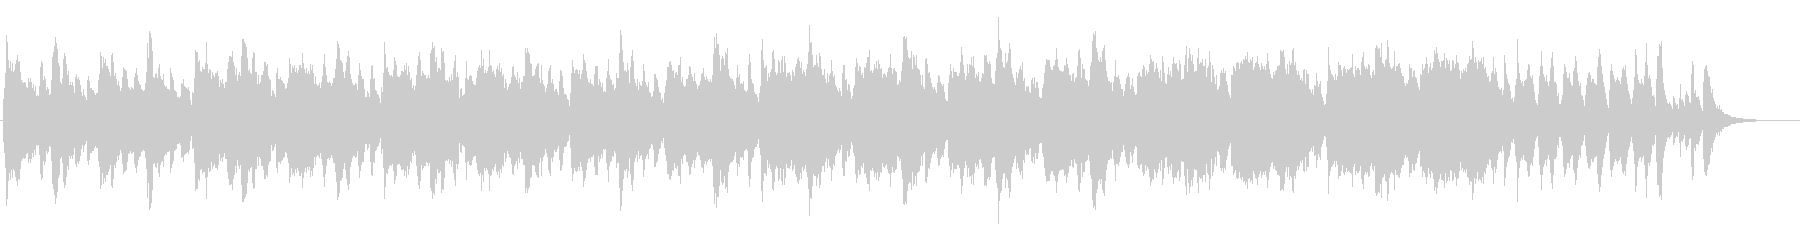 小編成オーケストラのハロウィンBGMの未再生の波形